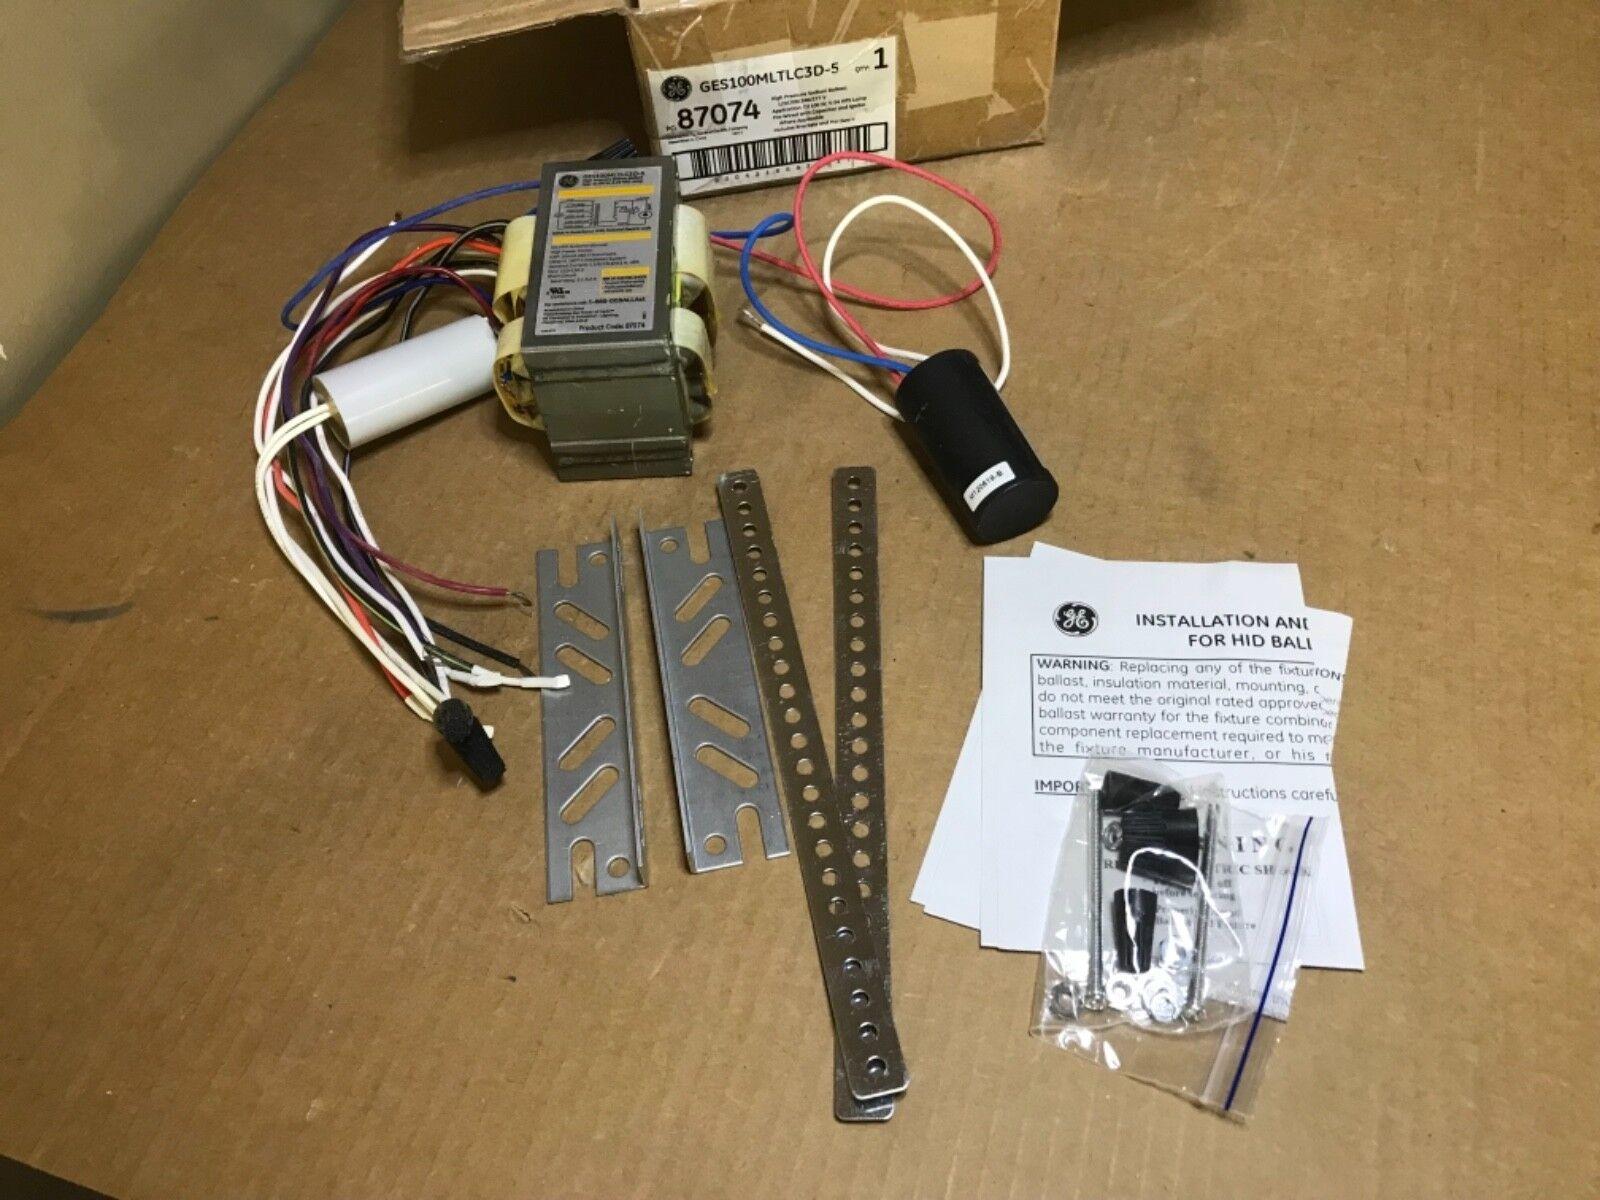 Atlas HPS100-0223-KT HIGH PRESSURE SODIUM BALLAST KIT 100W (7) for sale  online | eBayeBay